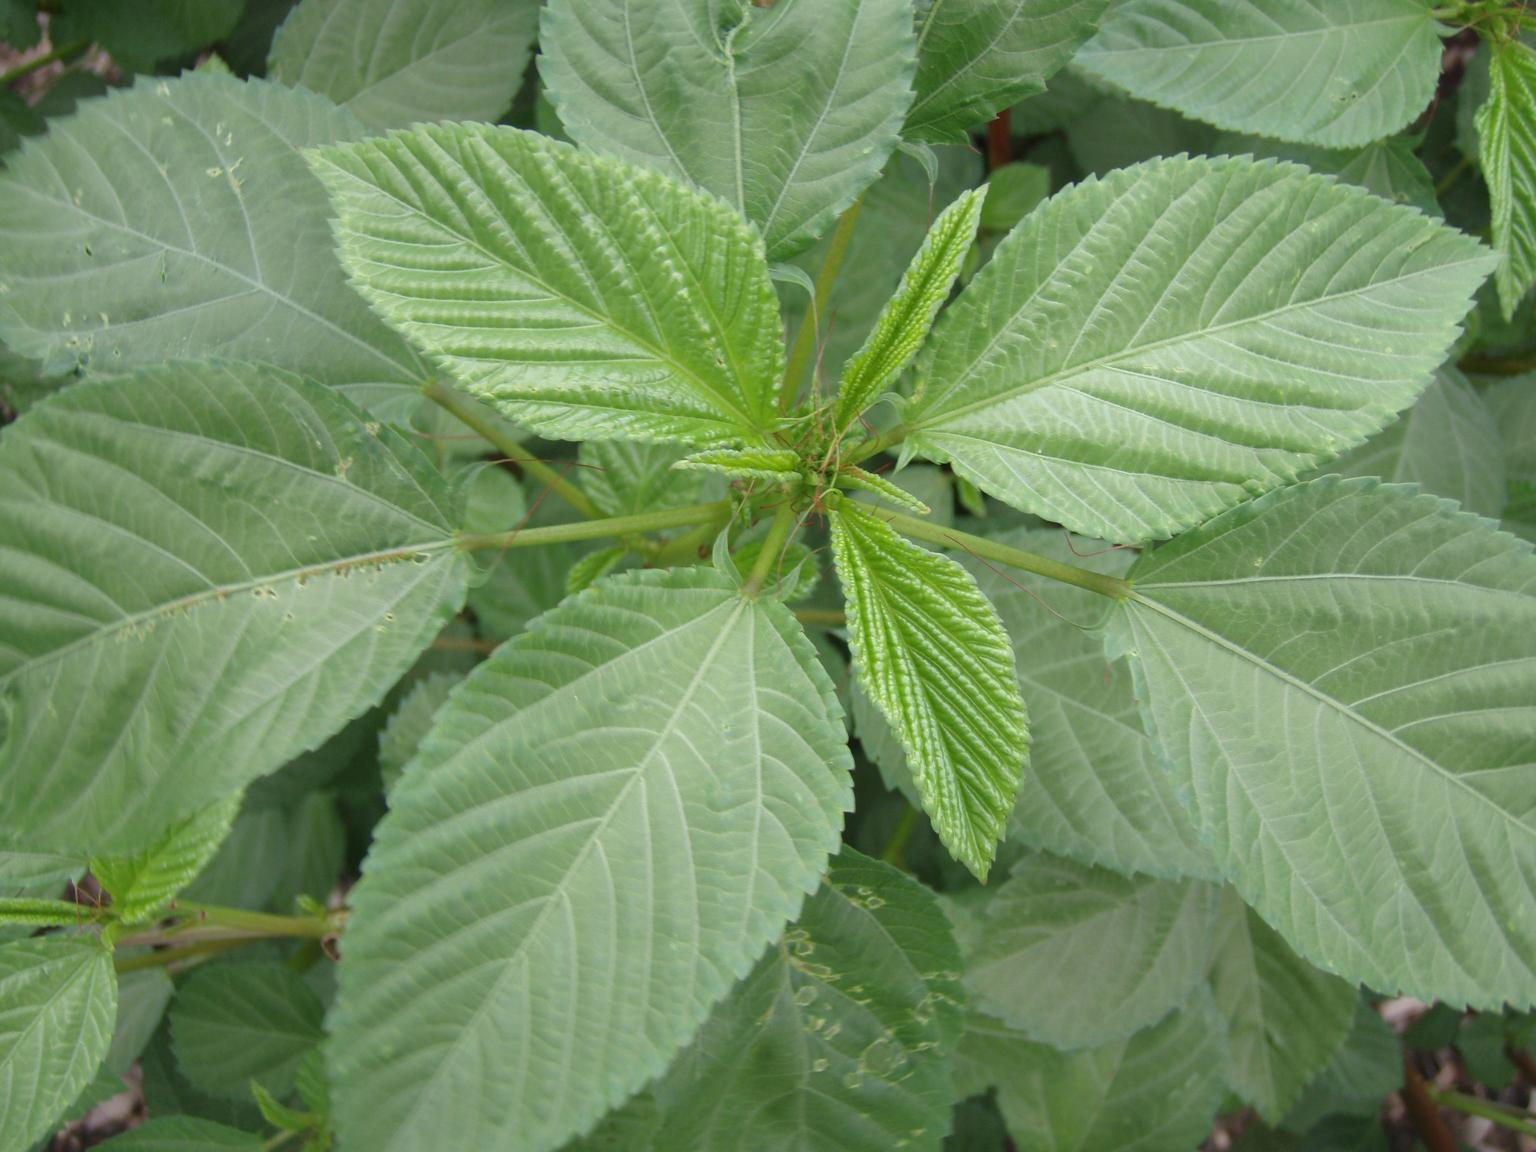 Leaves-of-Jute